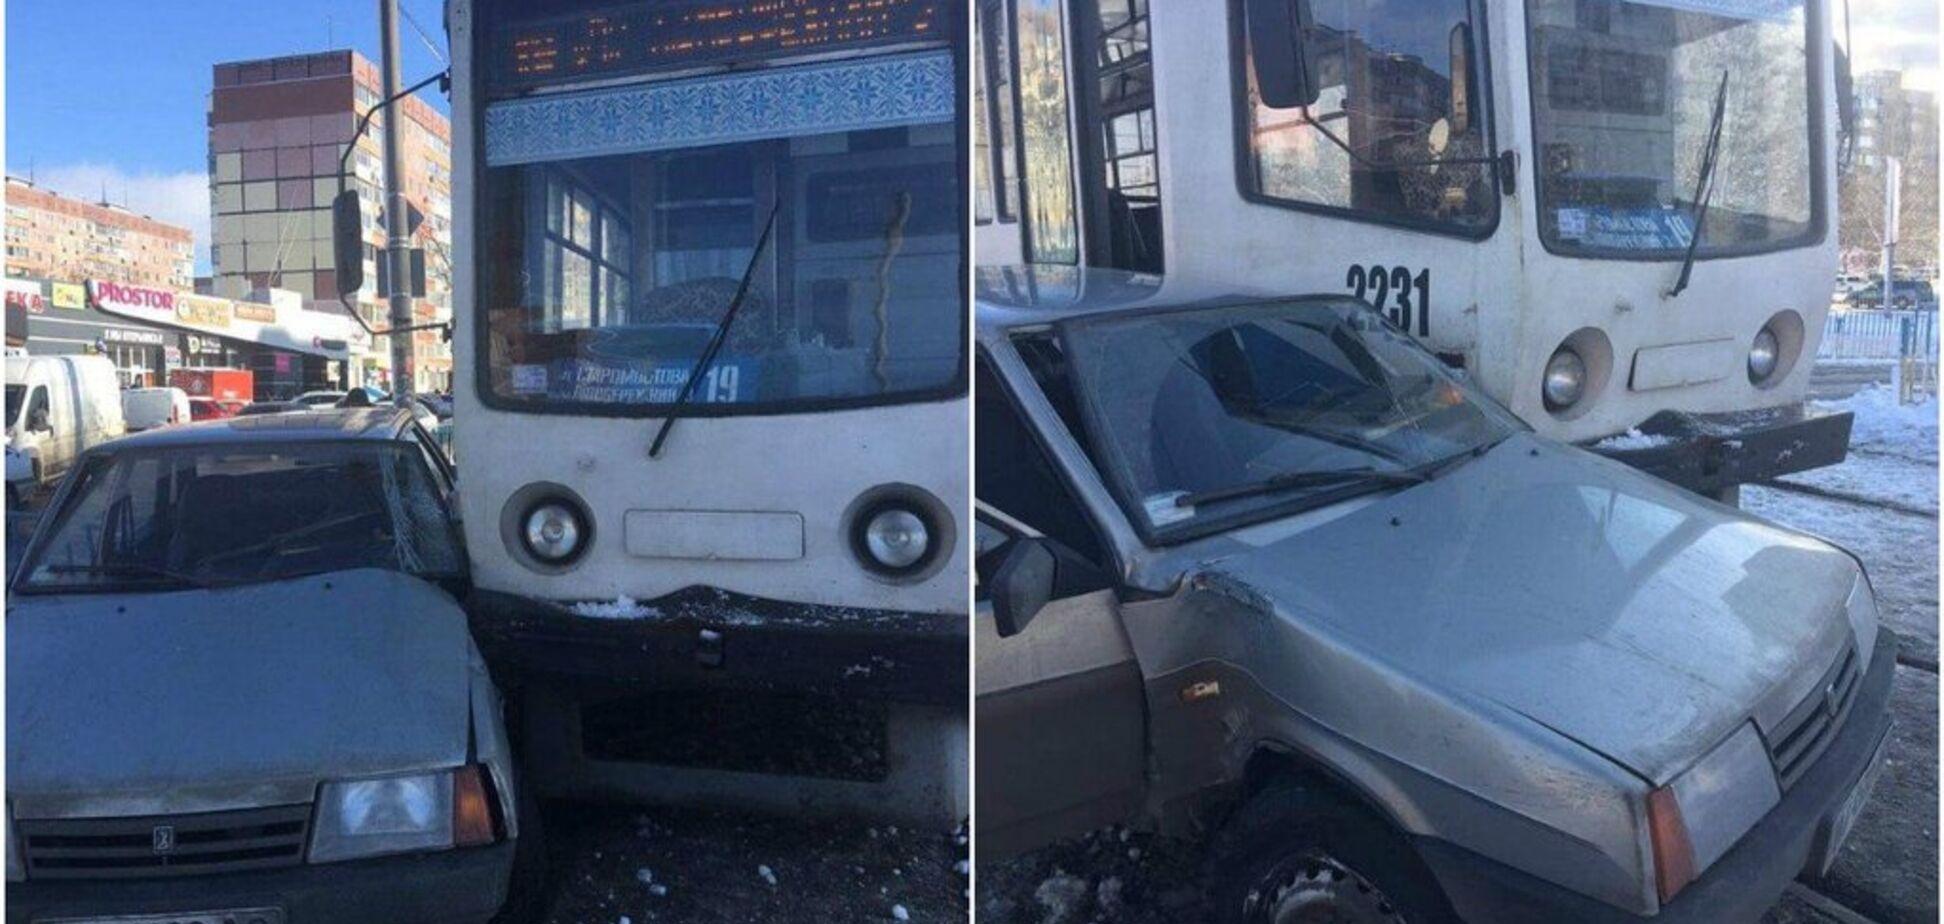 Протащил несколько метров: в Днепре трамвай протаранил автомобиль ВАЗ. Фото